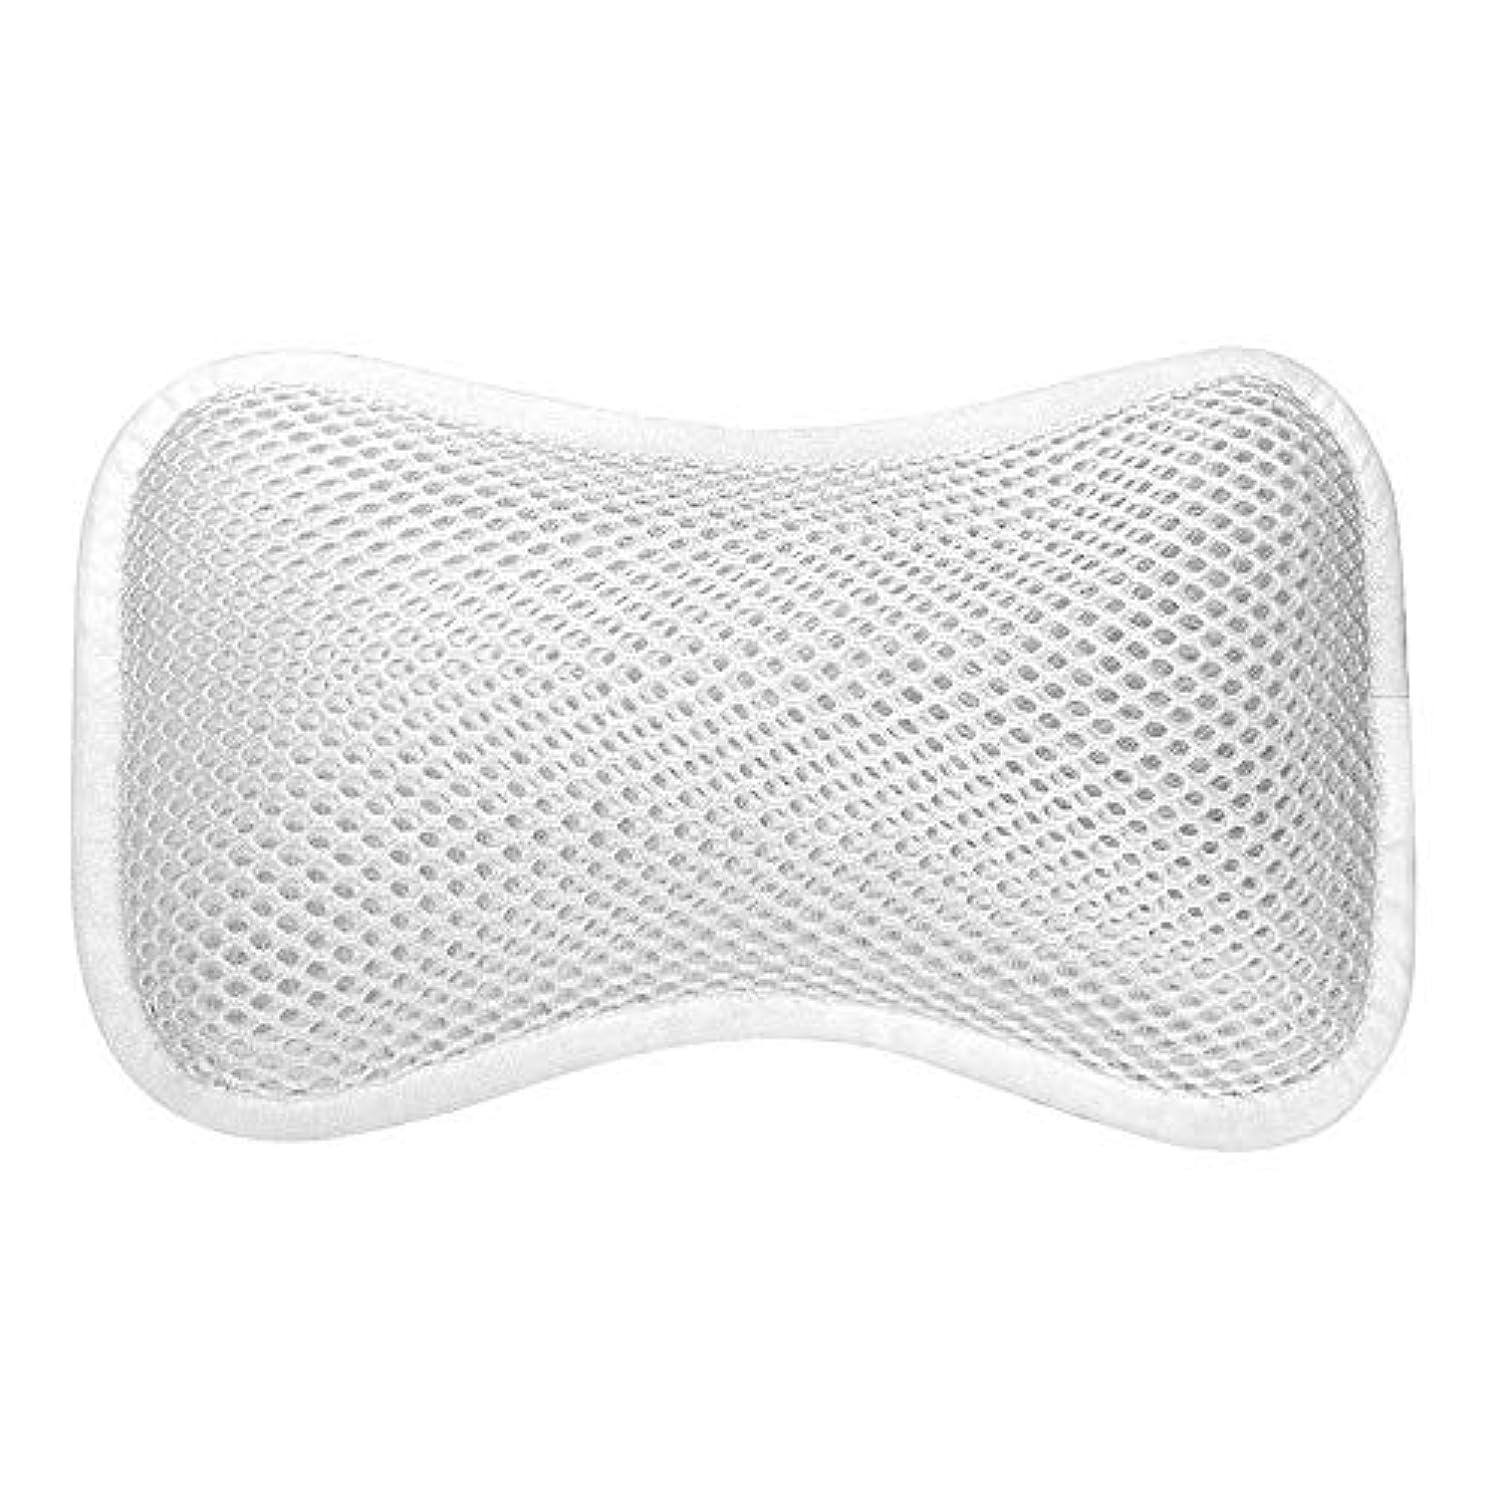 豊富な伸ばす売り手3D網の骨の定形バスタブの枕、吸盤が付いている人間工学的の設計滑り止??めの浴槽の枕